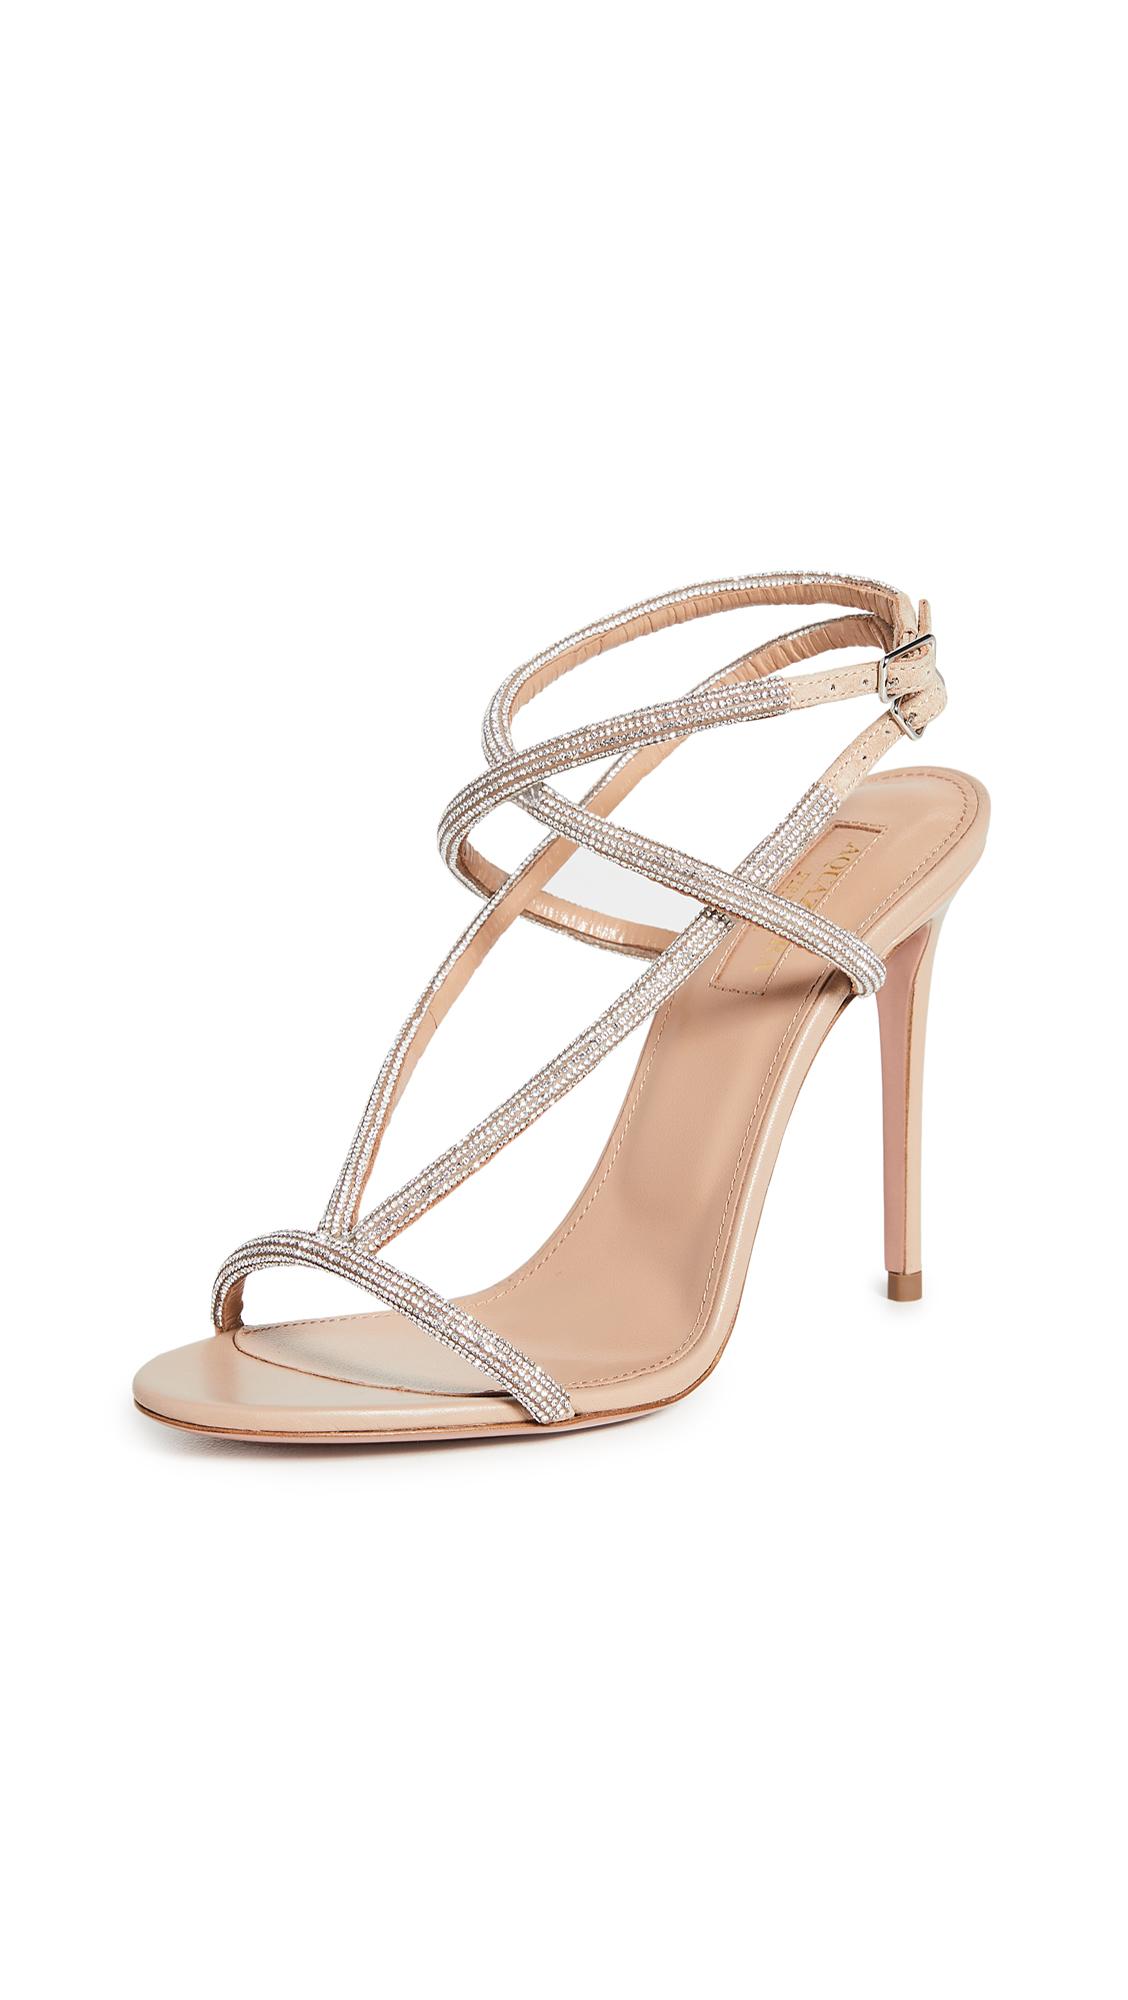 Buy Aquazzura 105mm Moondust Sandals online, shop Aquazzura